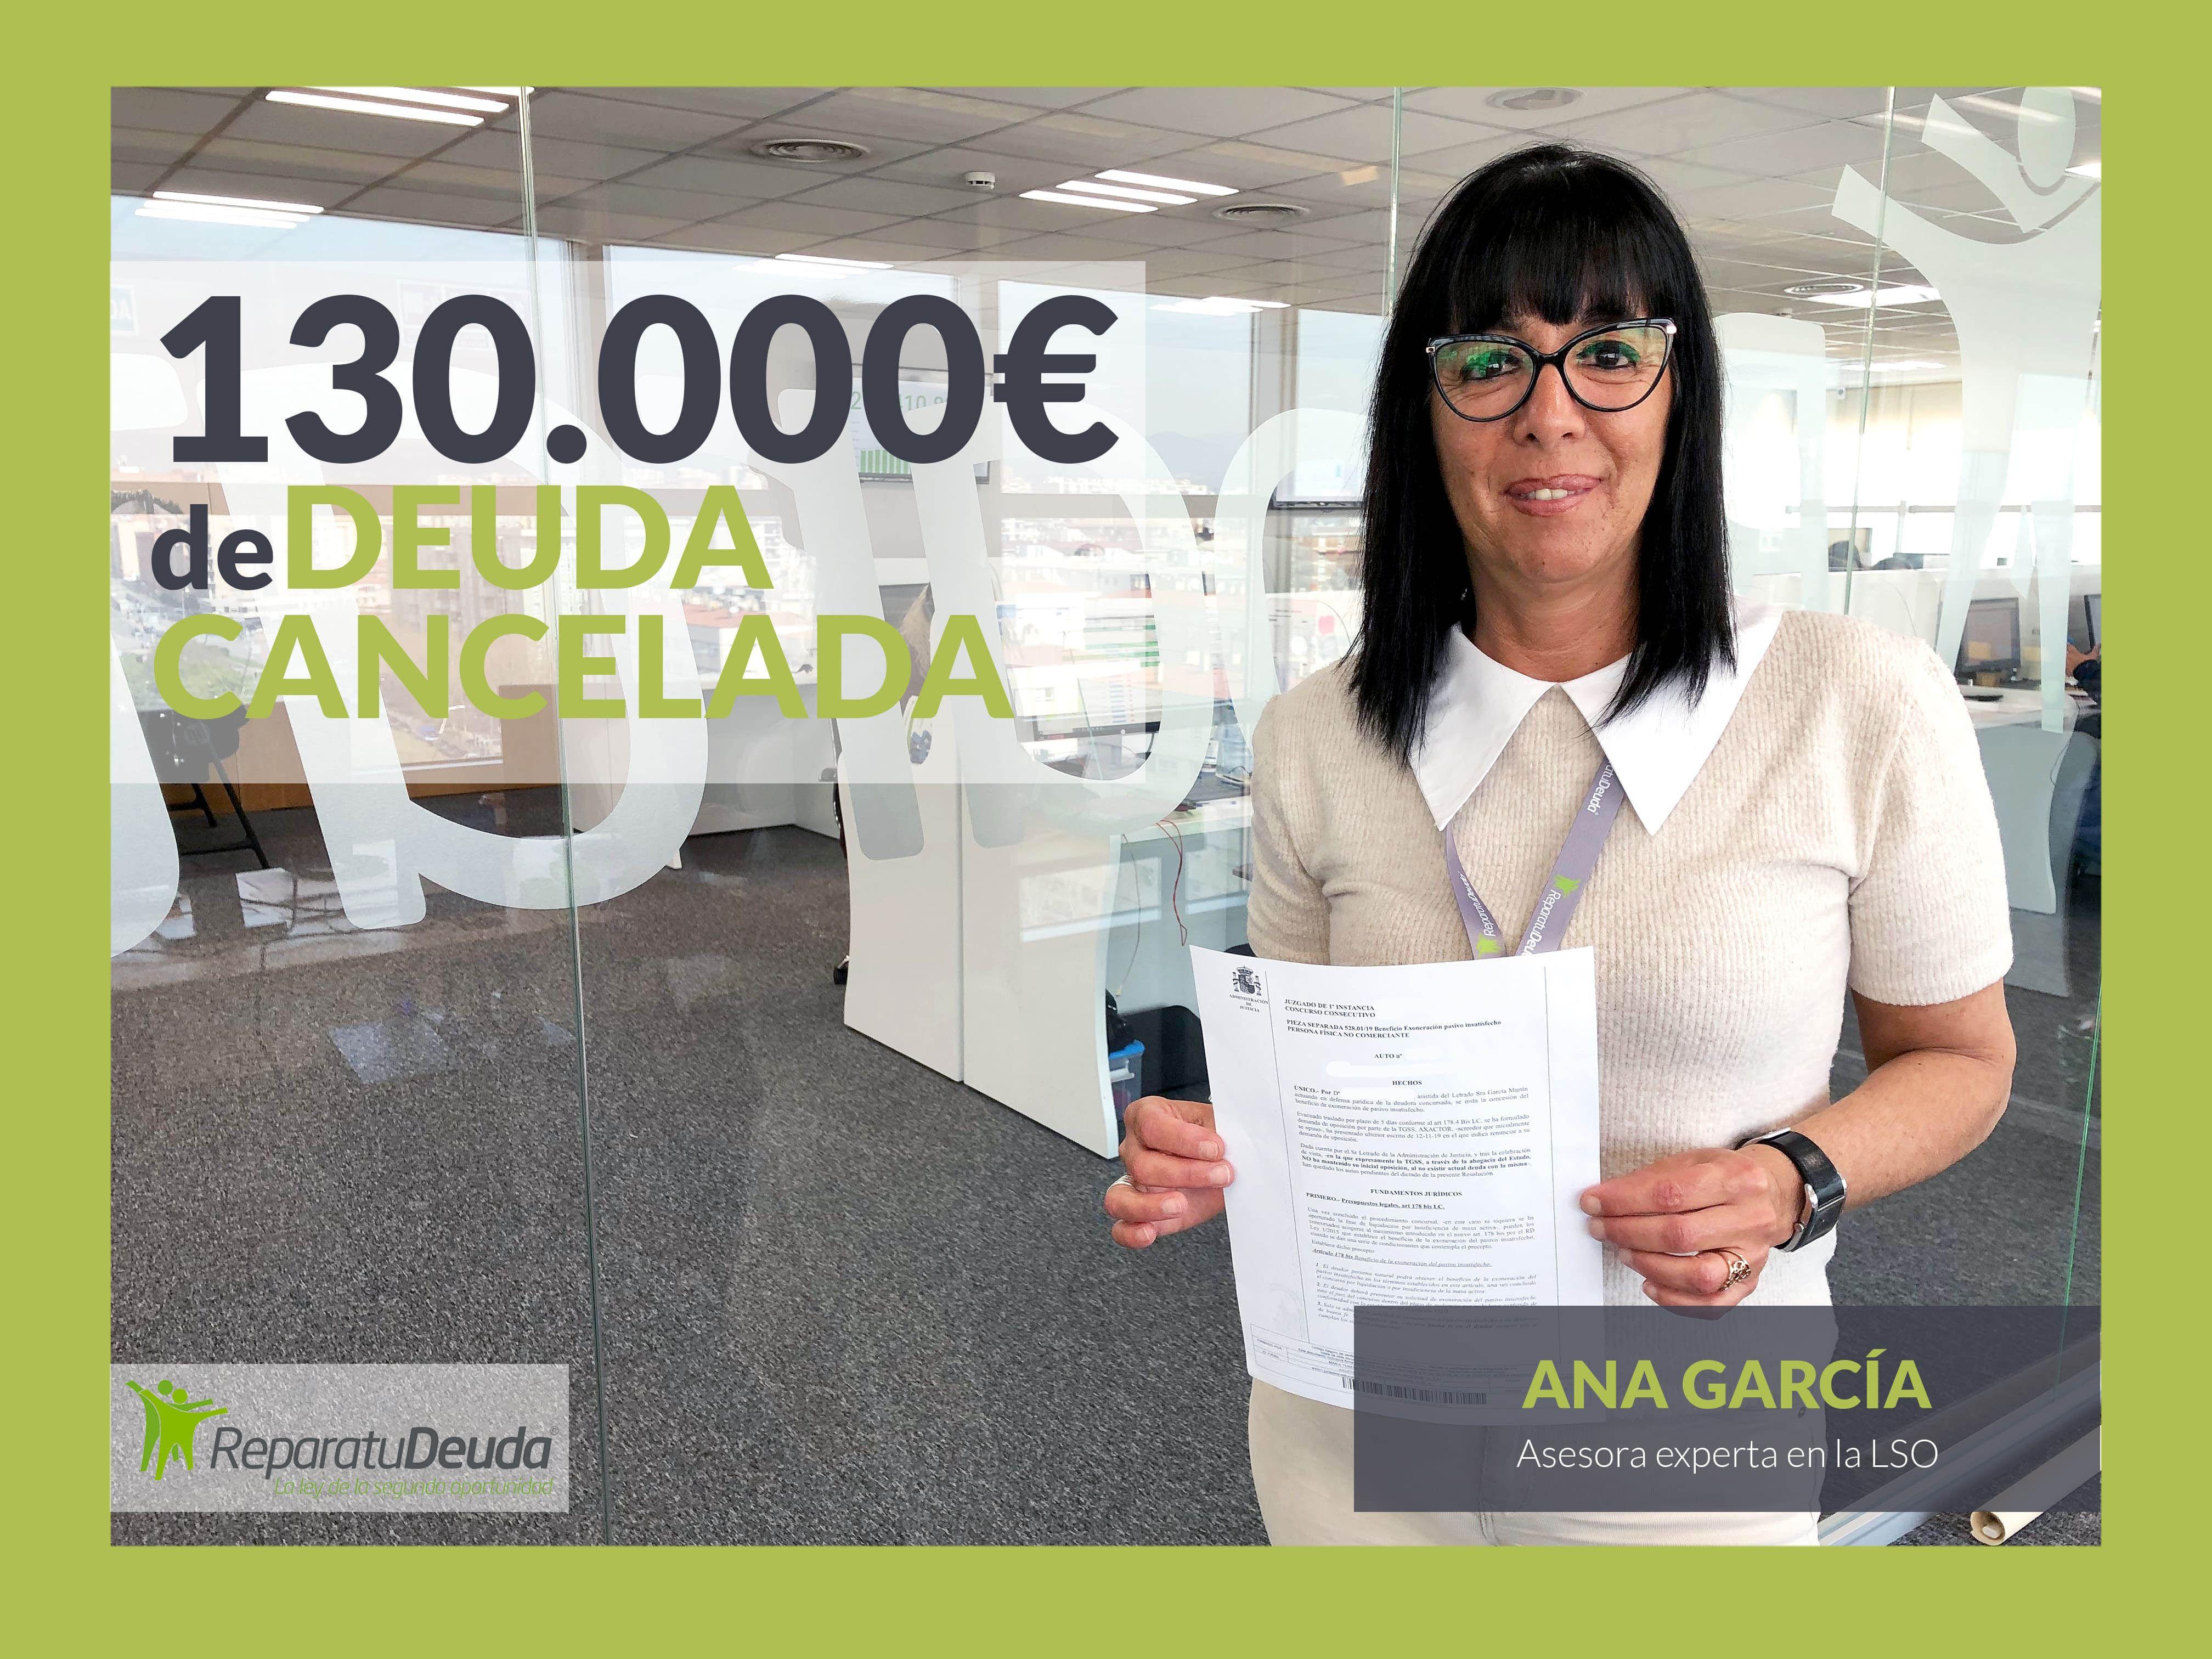 Repara tu Deuda cancela 130.000 eur con 35 bancos a un manresano con la ley de la segunda oportunidad